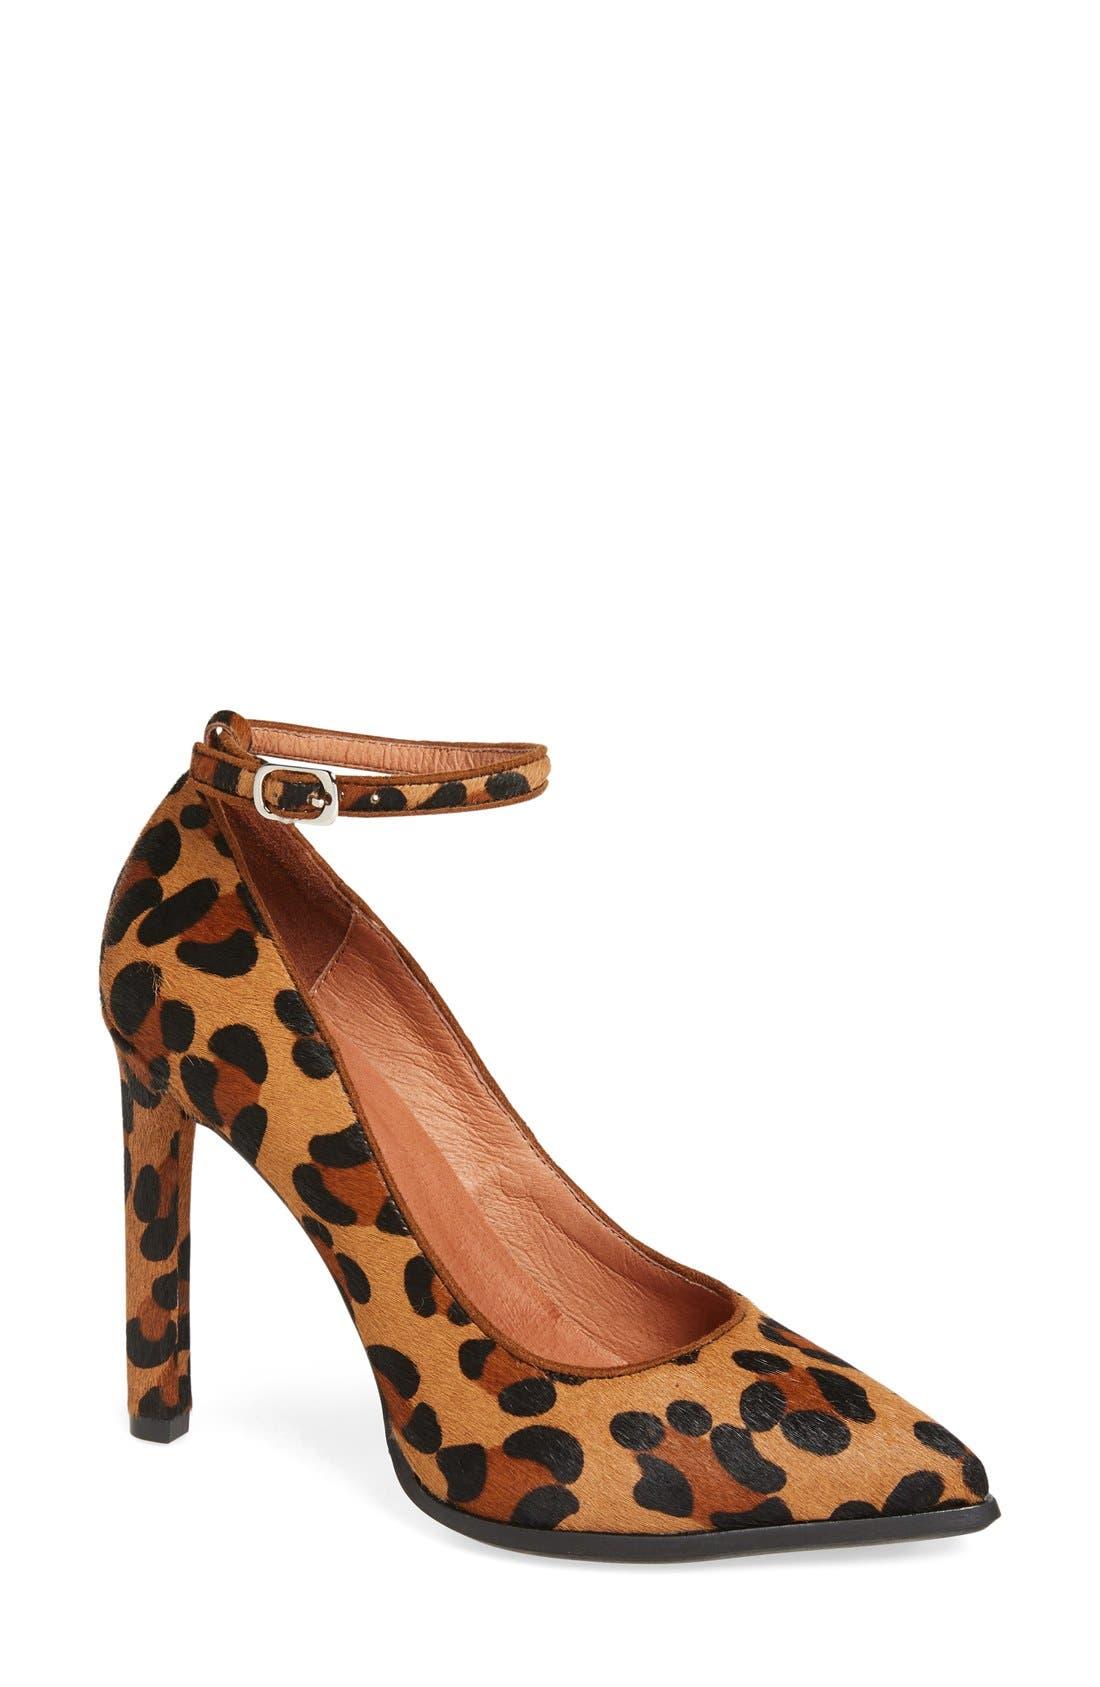 Lentine Ankle Strap Pump,                             Main thumbnail 1, color,                             Brown Leopard